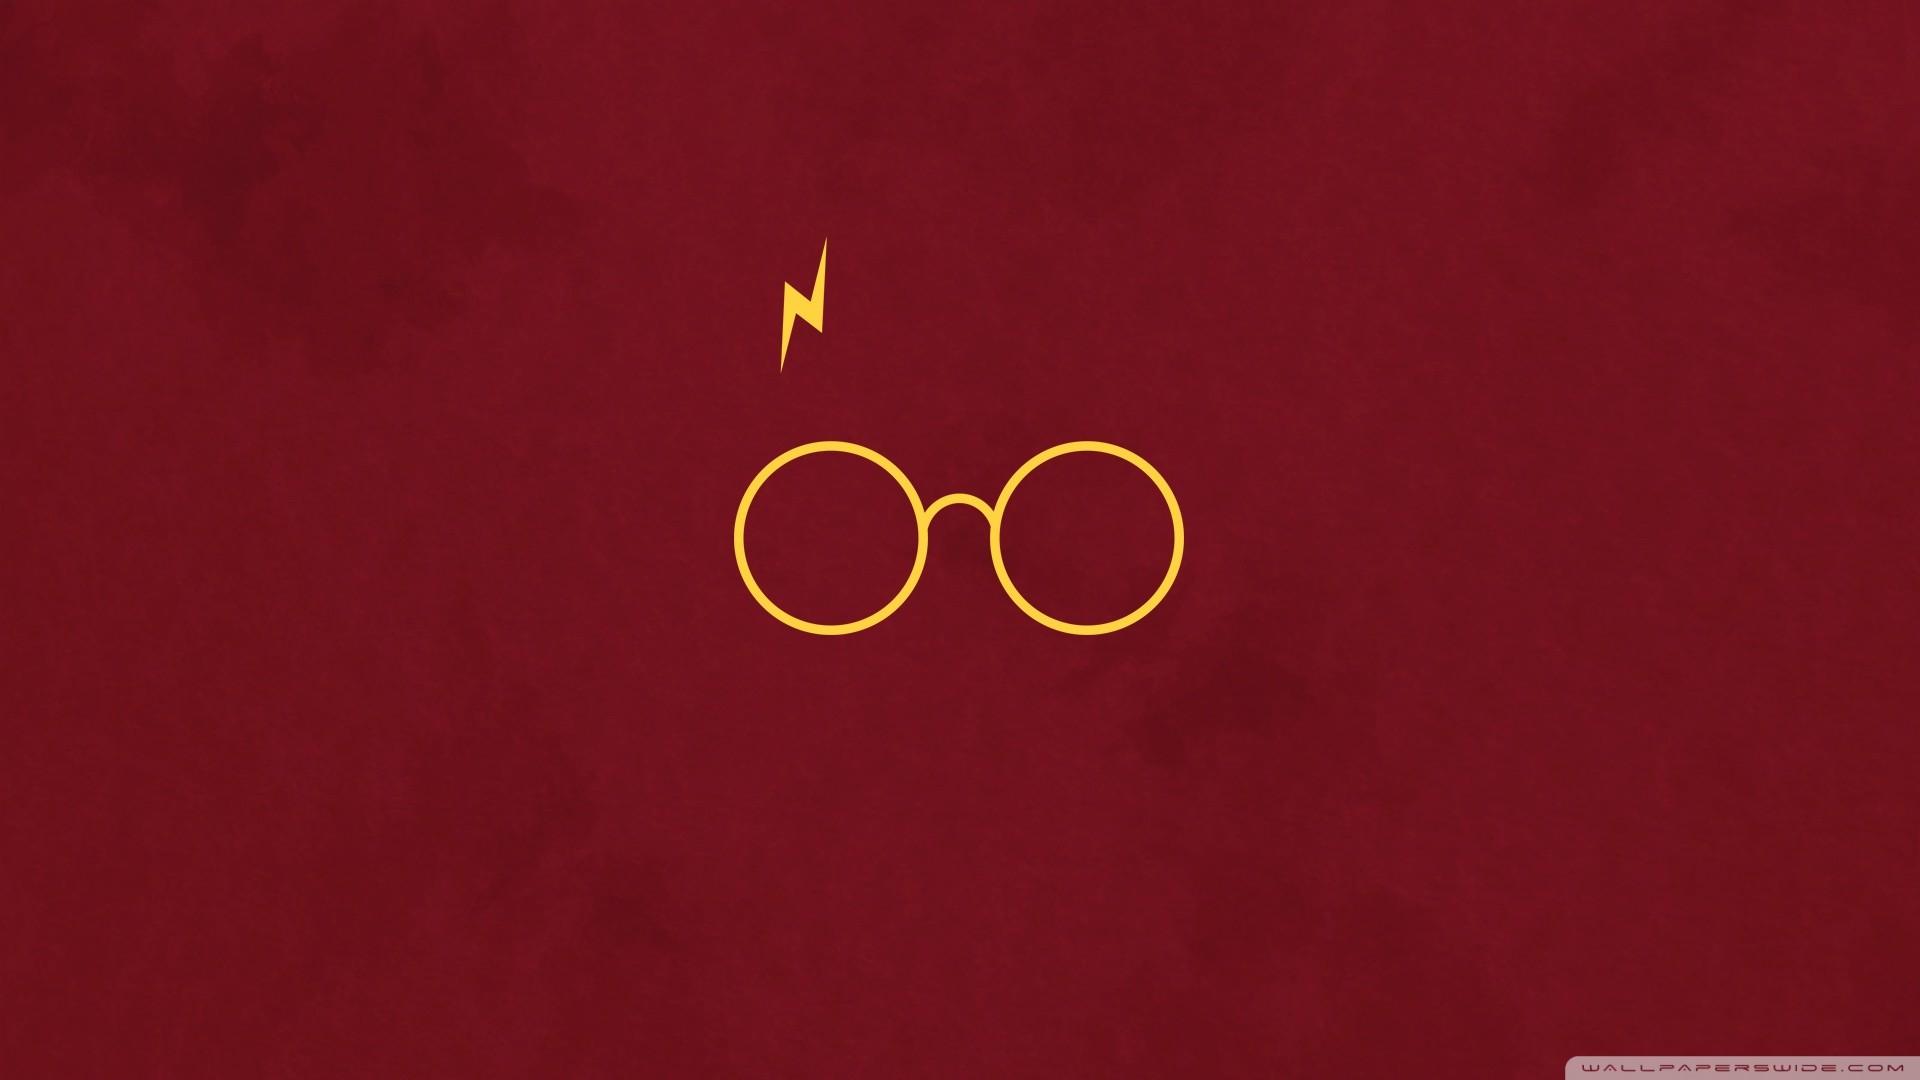 Hogwarts Logo Wallpaper (75+ images)